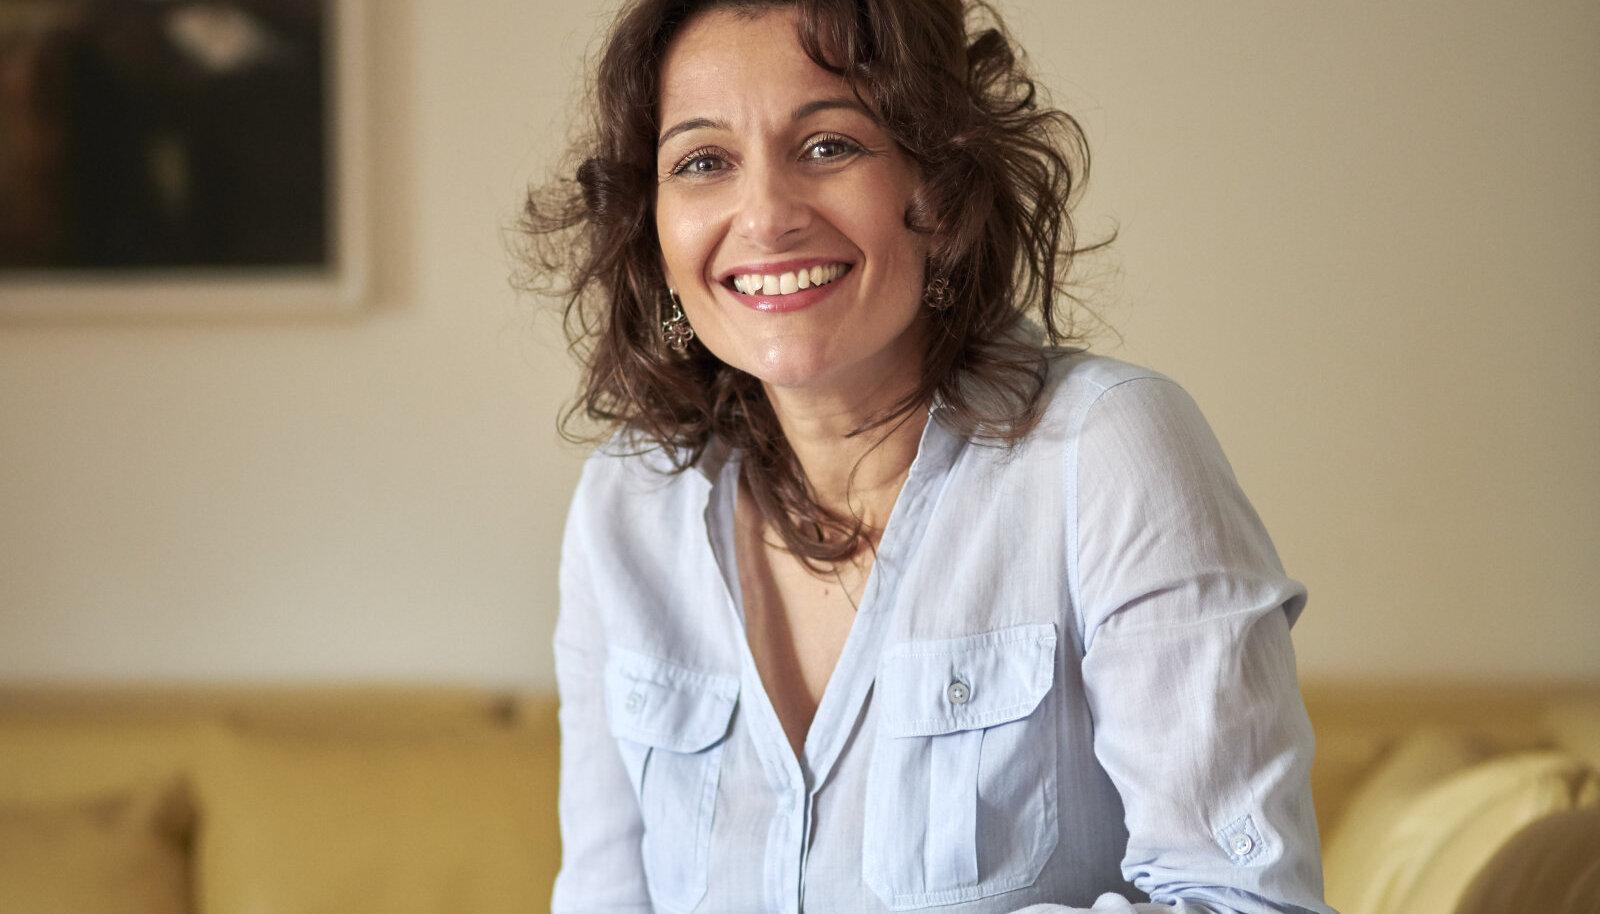 Itaalia e-müügi guru ja raamatu autor Martina Vazzoler